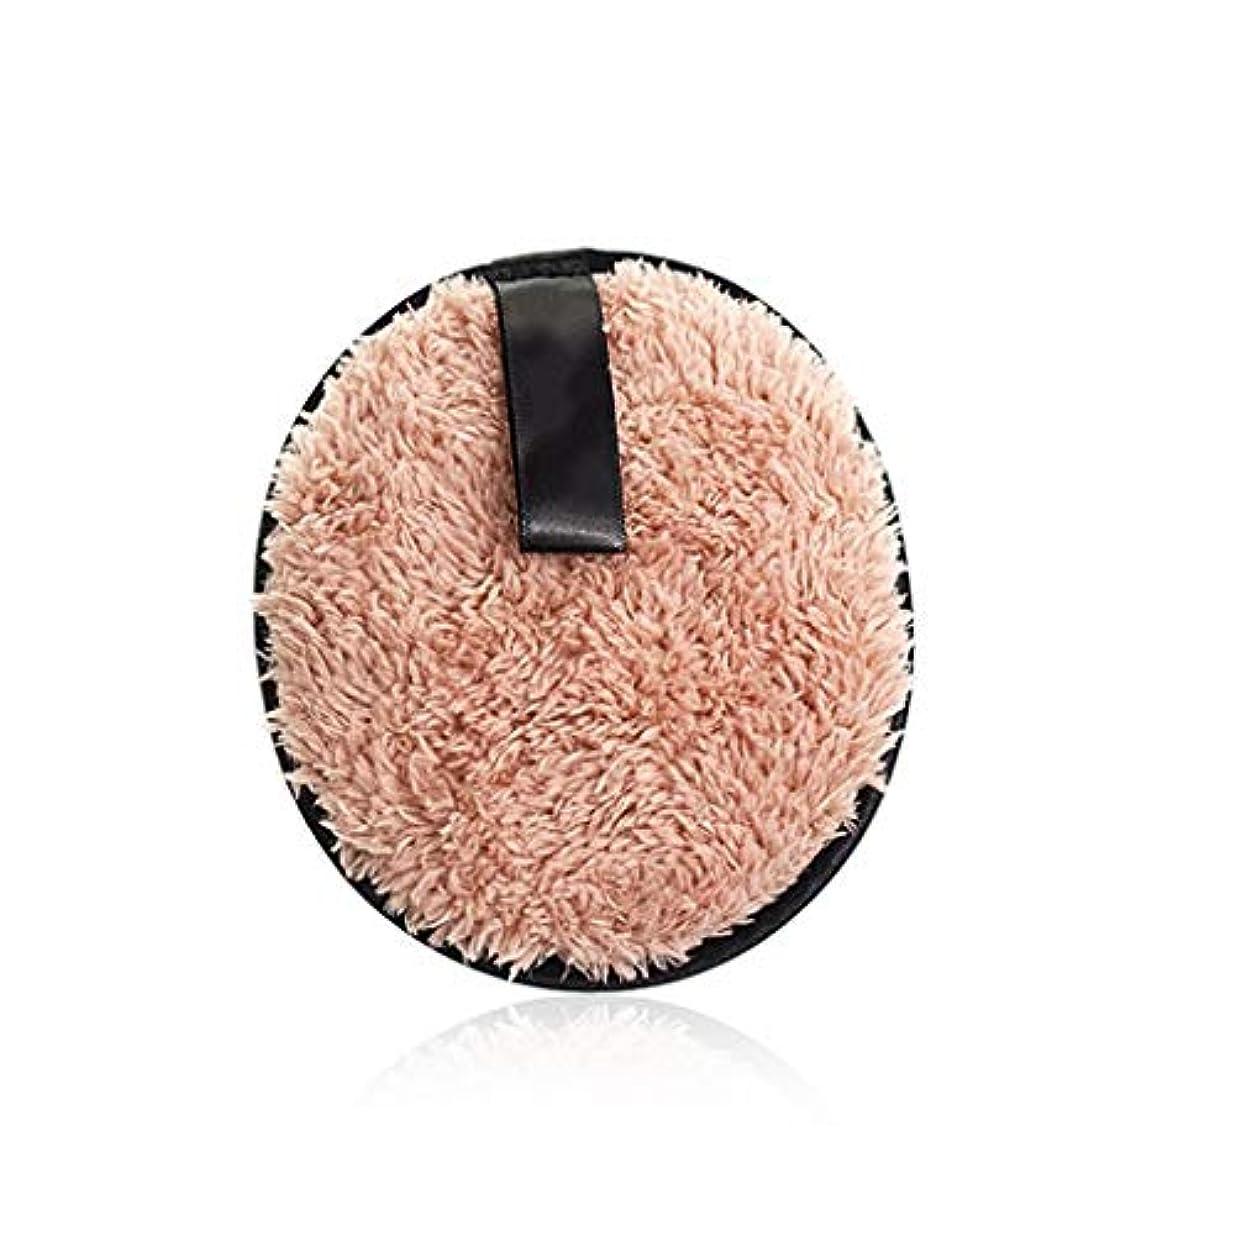 瞳製作すすり泣きフェイスメイクアップリムーバーソフトスポンジコットンメイクアップリムーバークロスパウダーパフ洗顔ワイプ再利用可能な洗えるパッド (Color : Light brown, サイズ : 4.7*4.7*0.7inch)